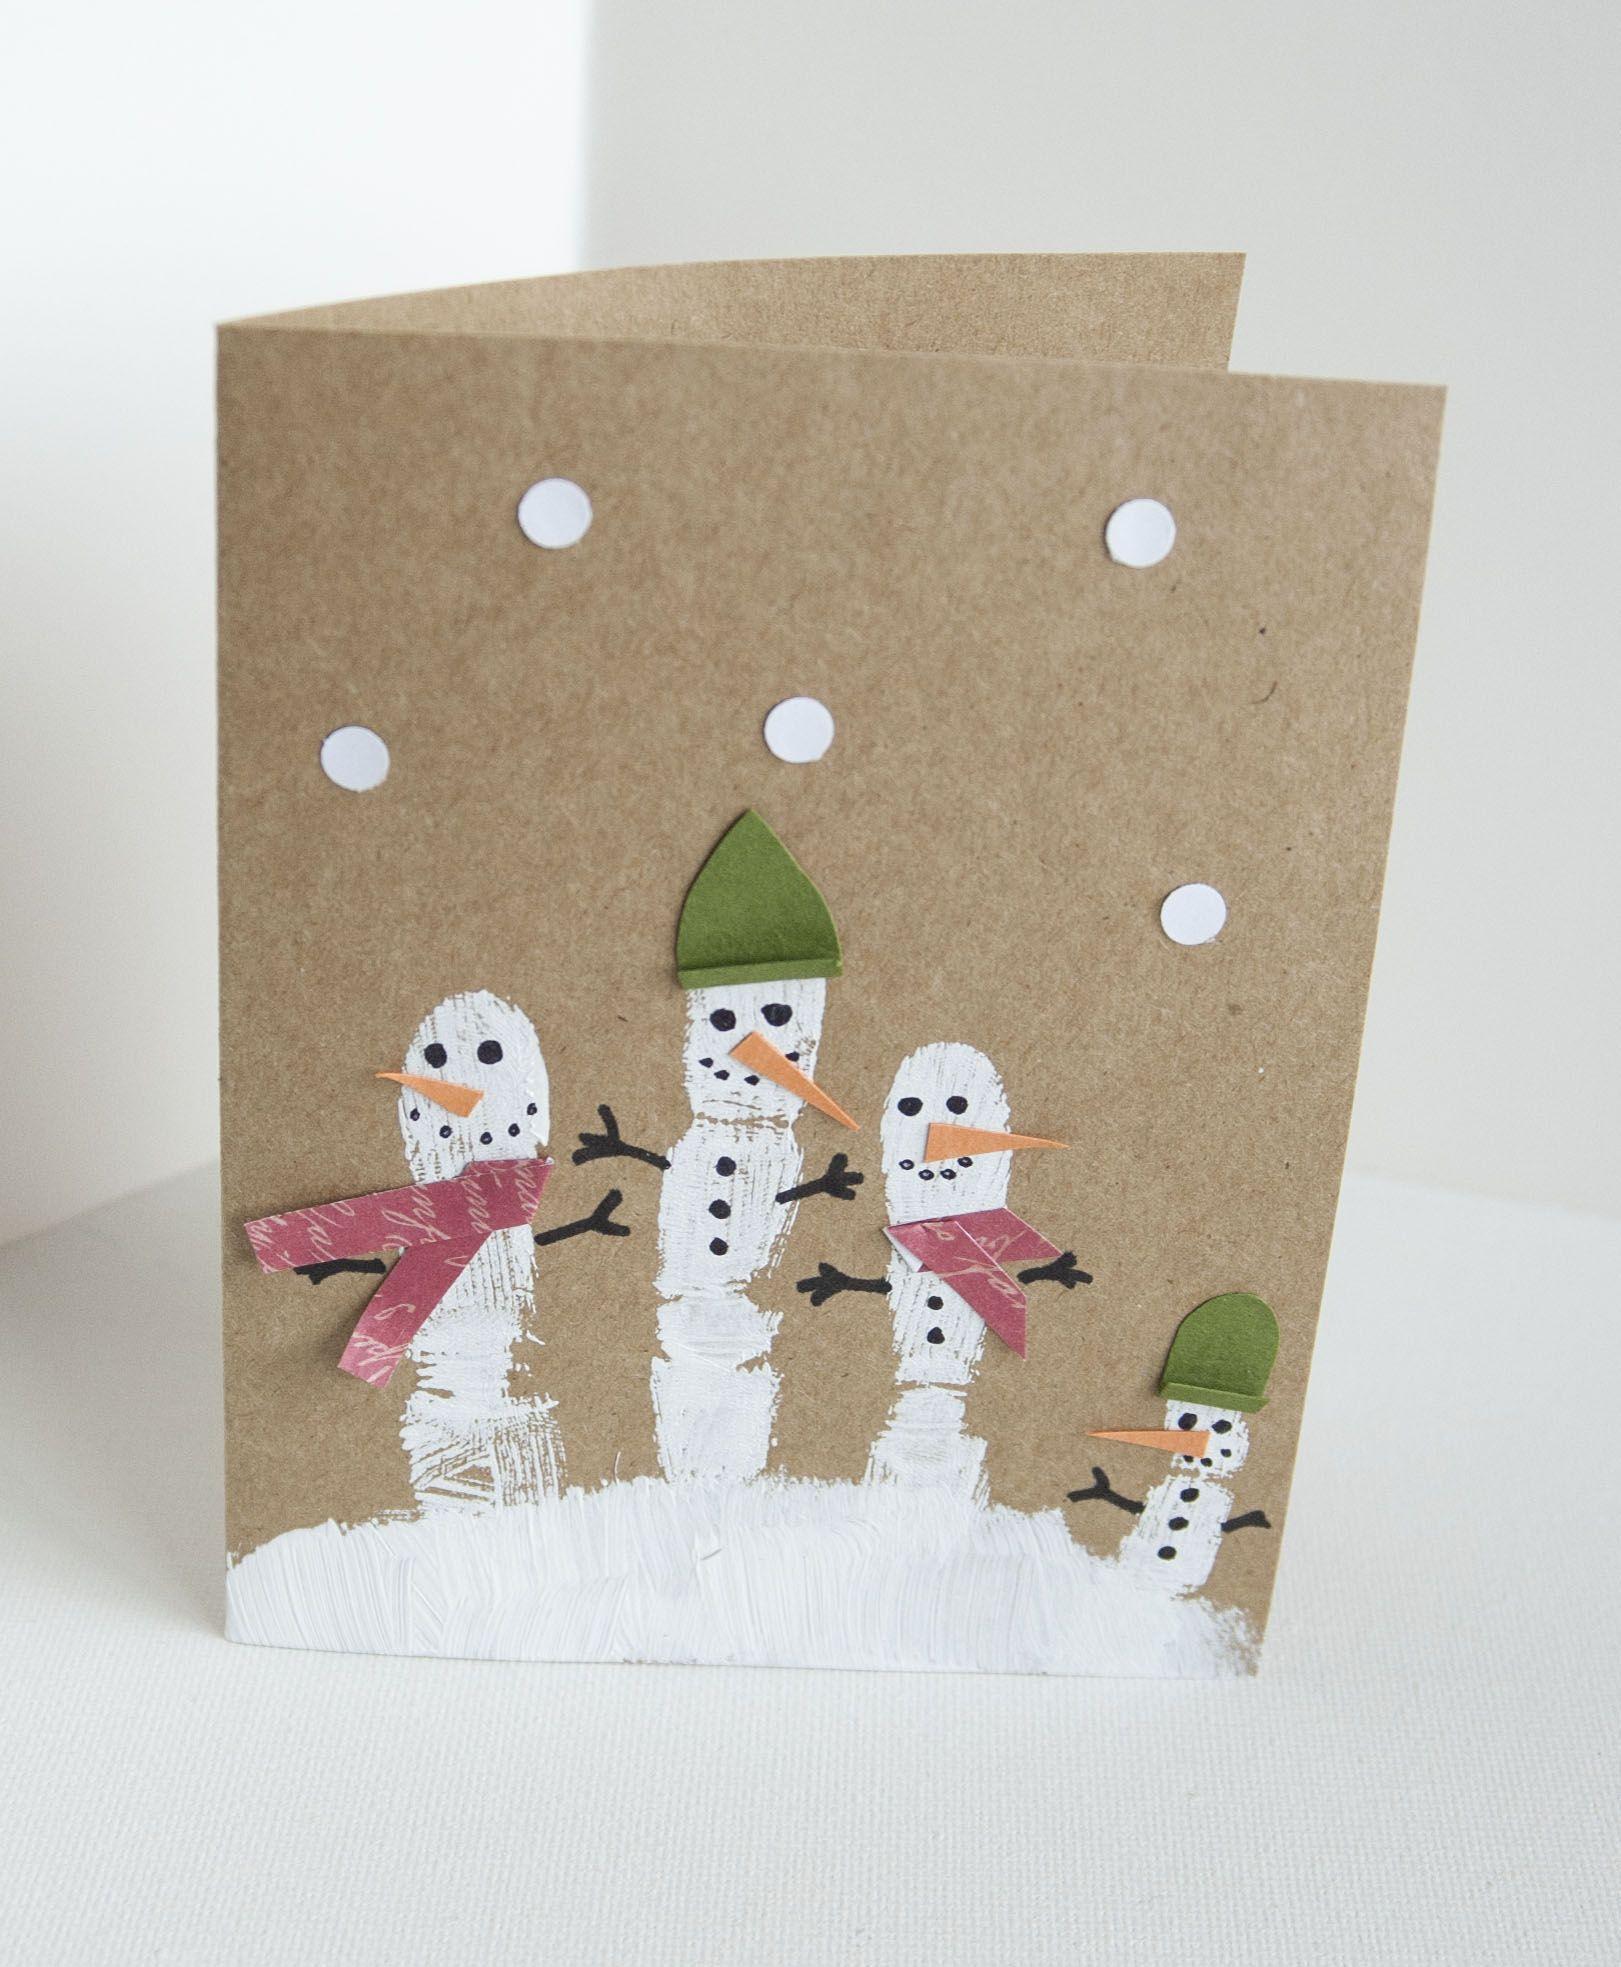 15 Awesome Christmas Cards to Make With Kids Christmas